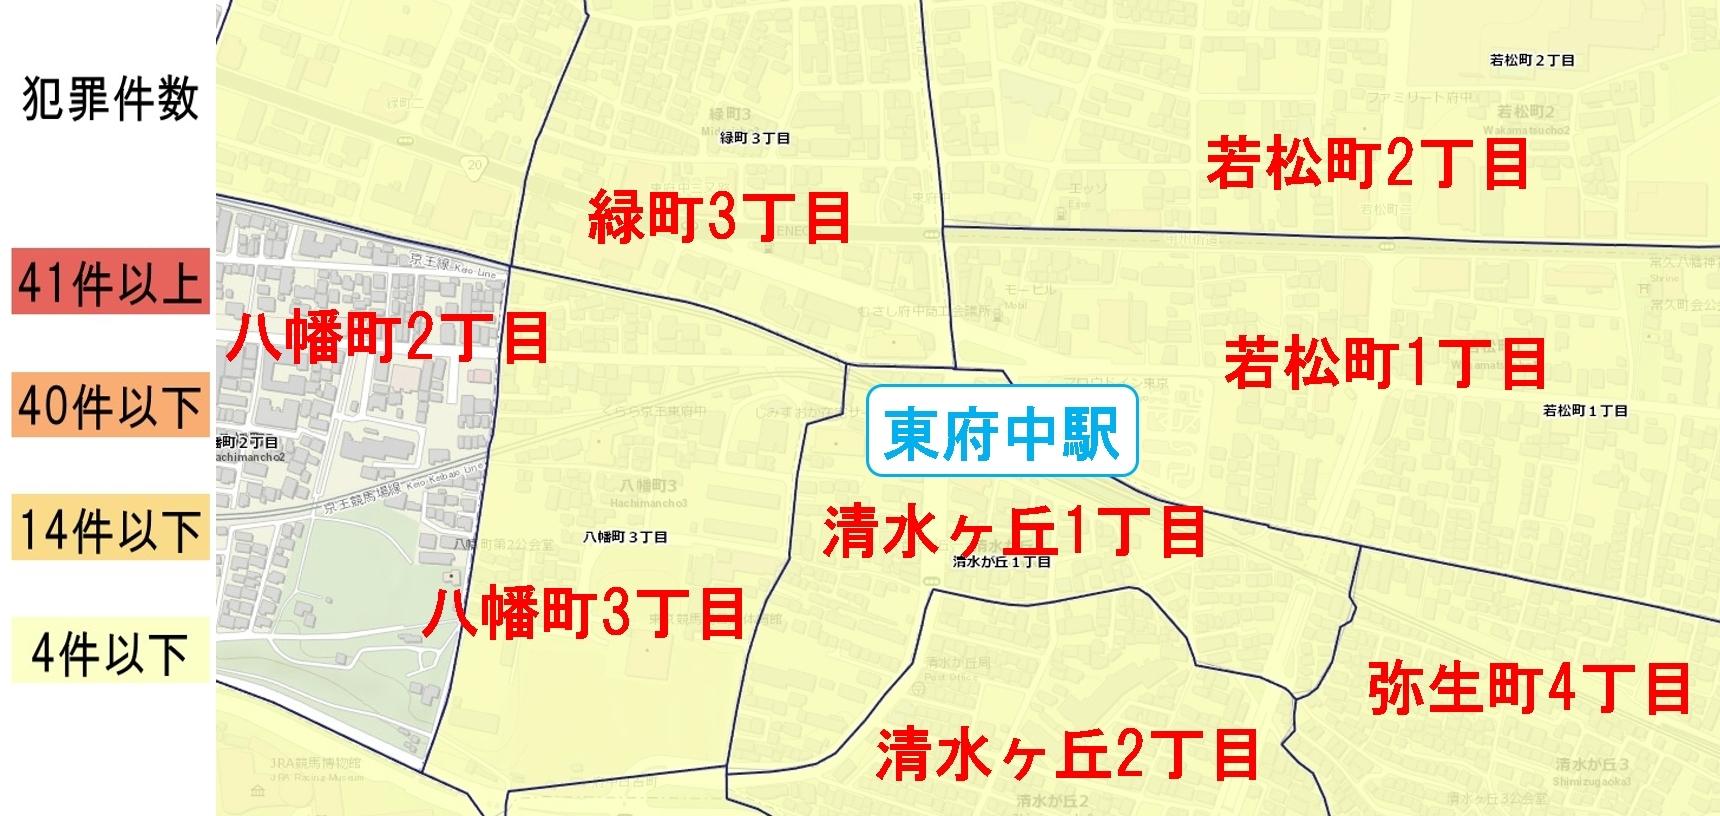 東府中駅周辺の粗暴犯の犯罪件数マップ